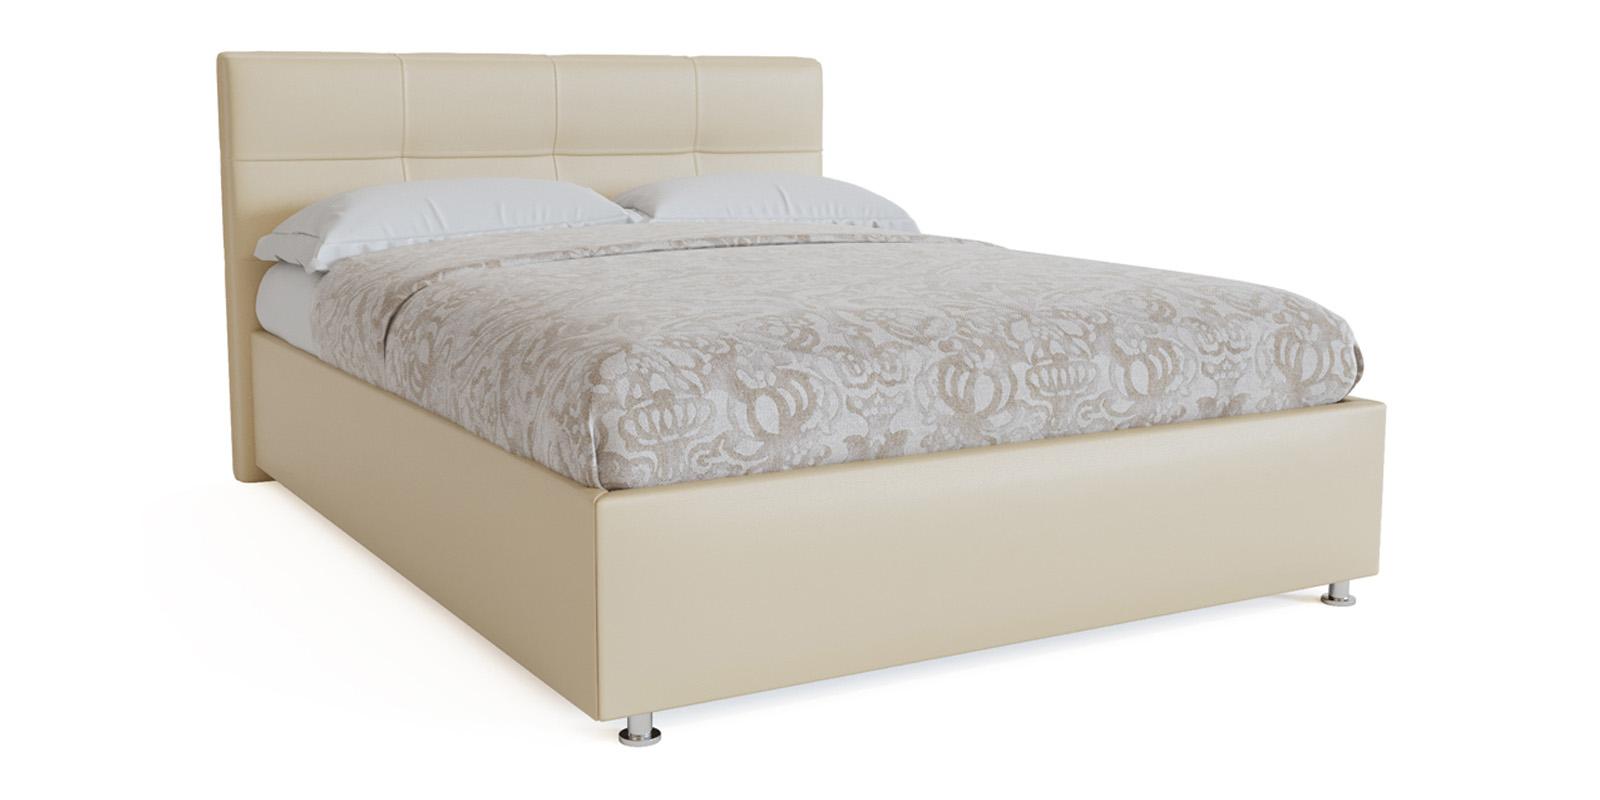 Мягкая кровать 200х180 Неаполь с ортопедическим основанием (Крем-брюле) Неаполь